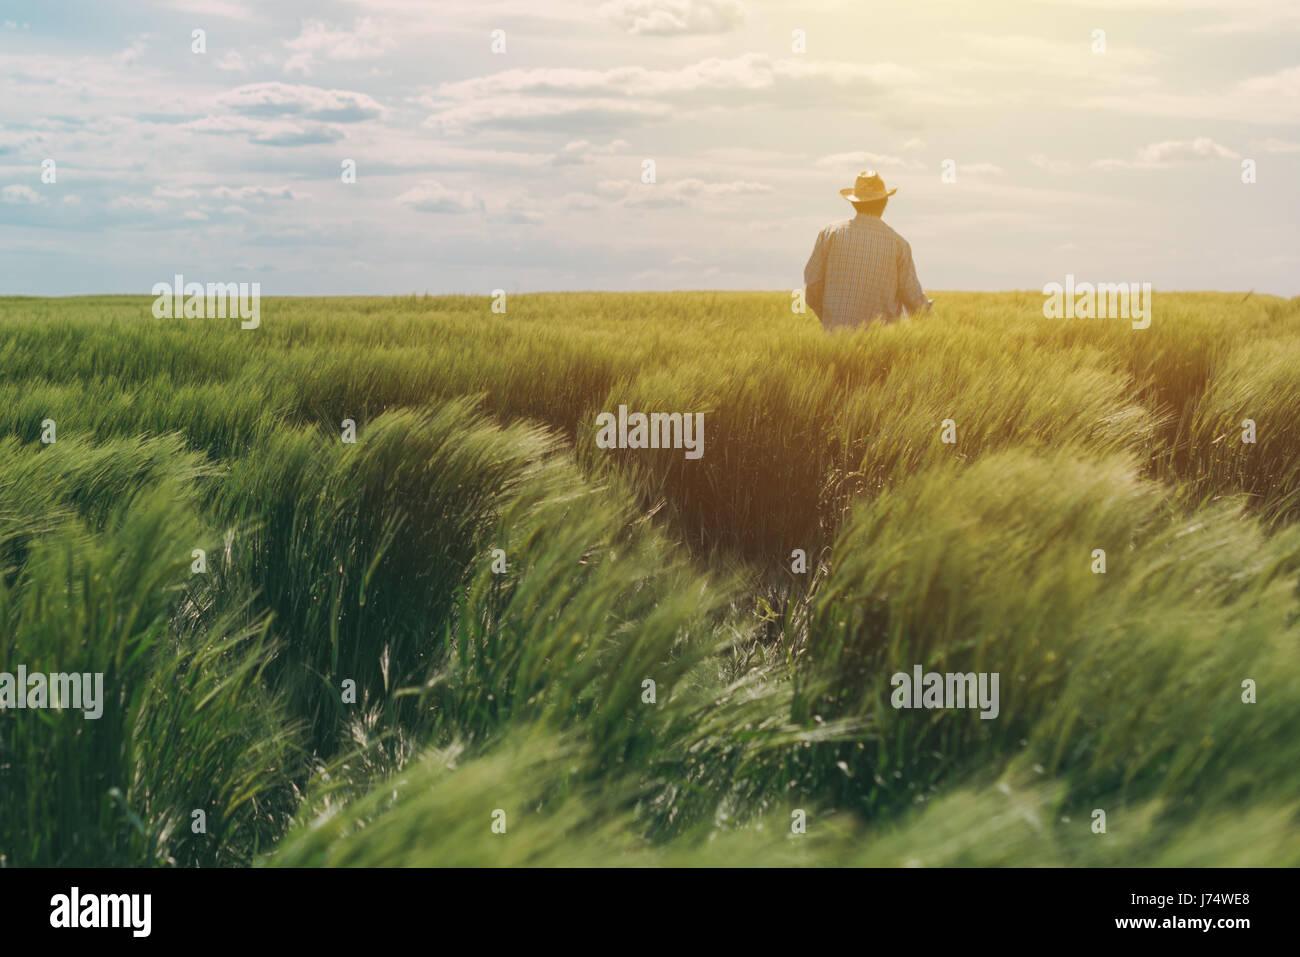 Quelques agriculteurs à travers un champ de blé vert printemps venteux sur jour et d'examiner les cultures de céréales Banque D'Images